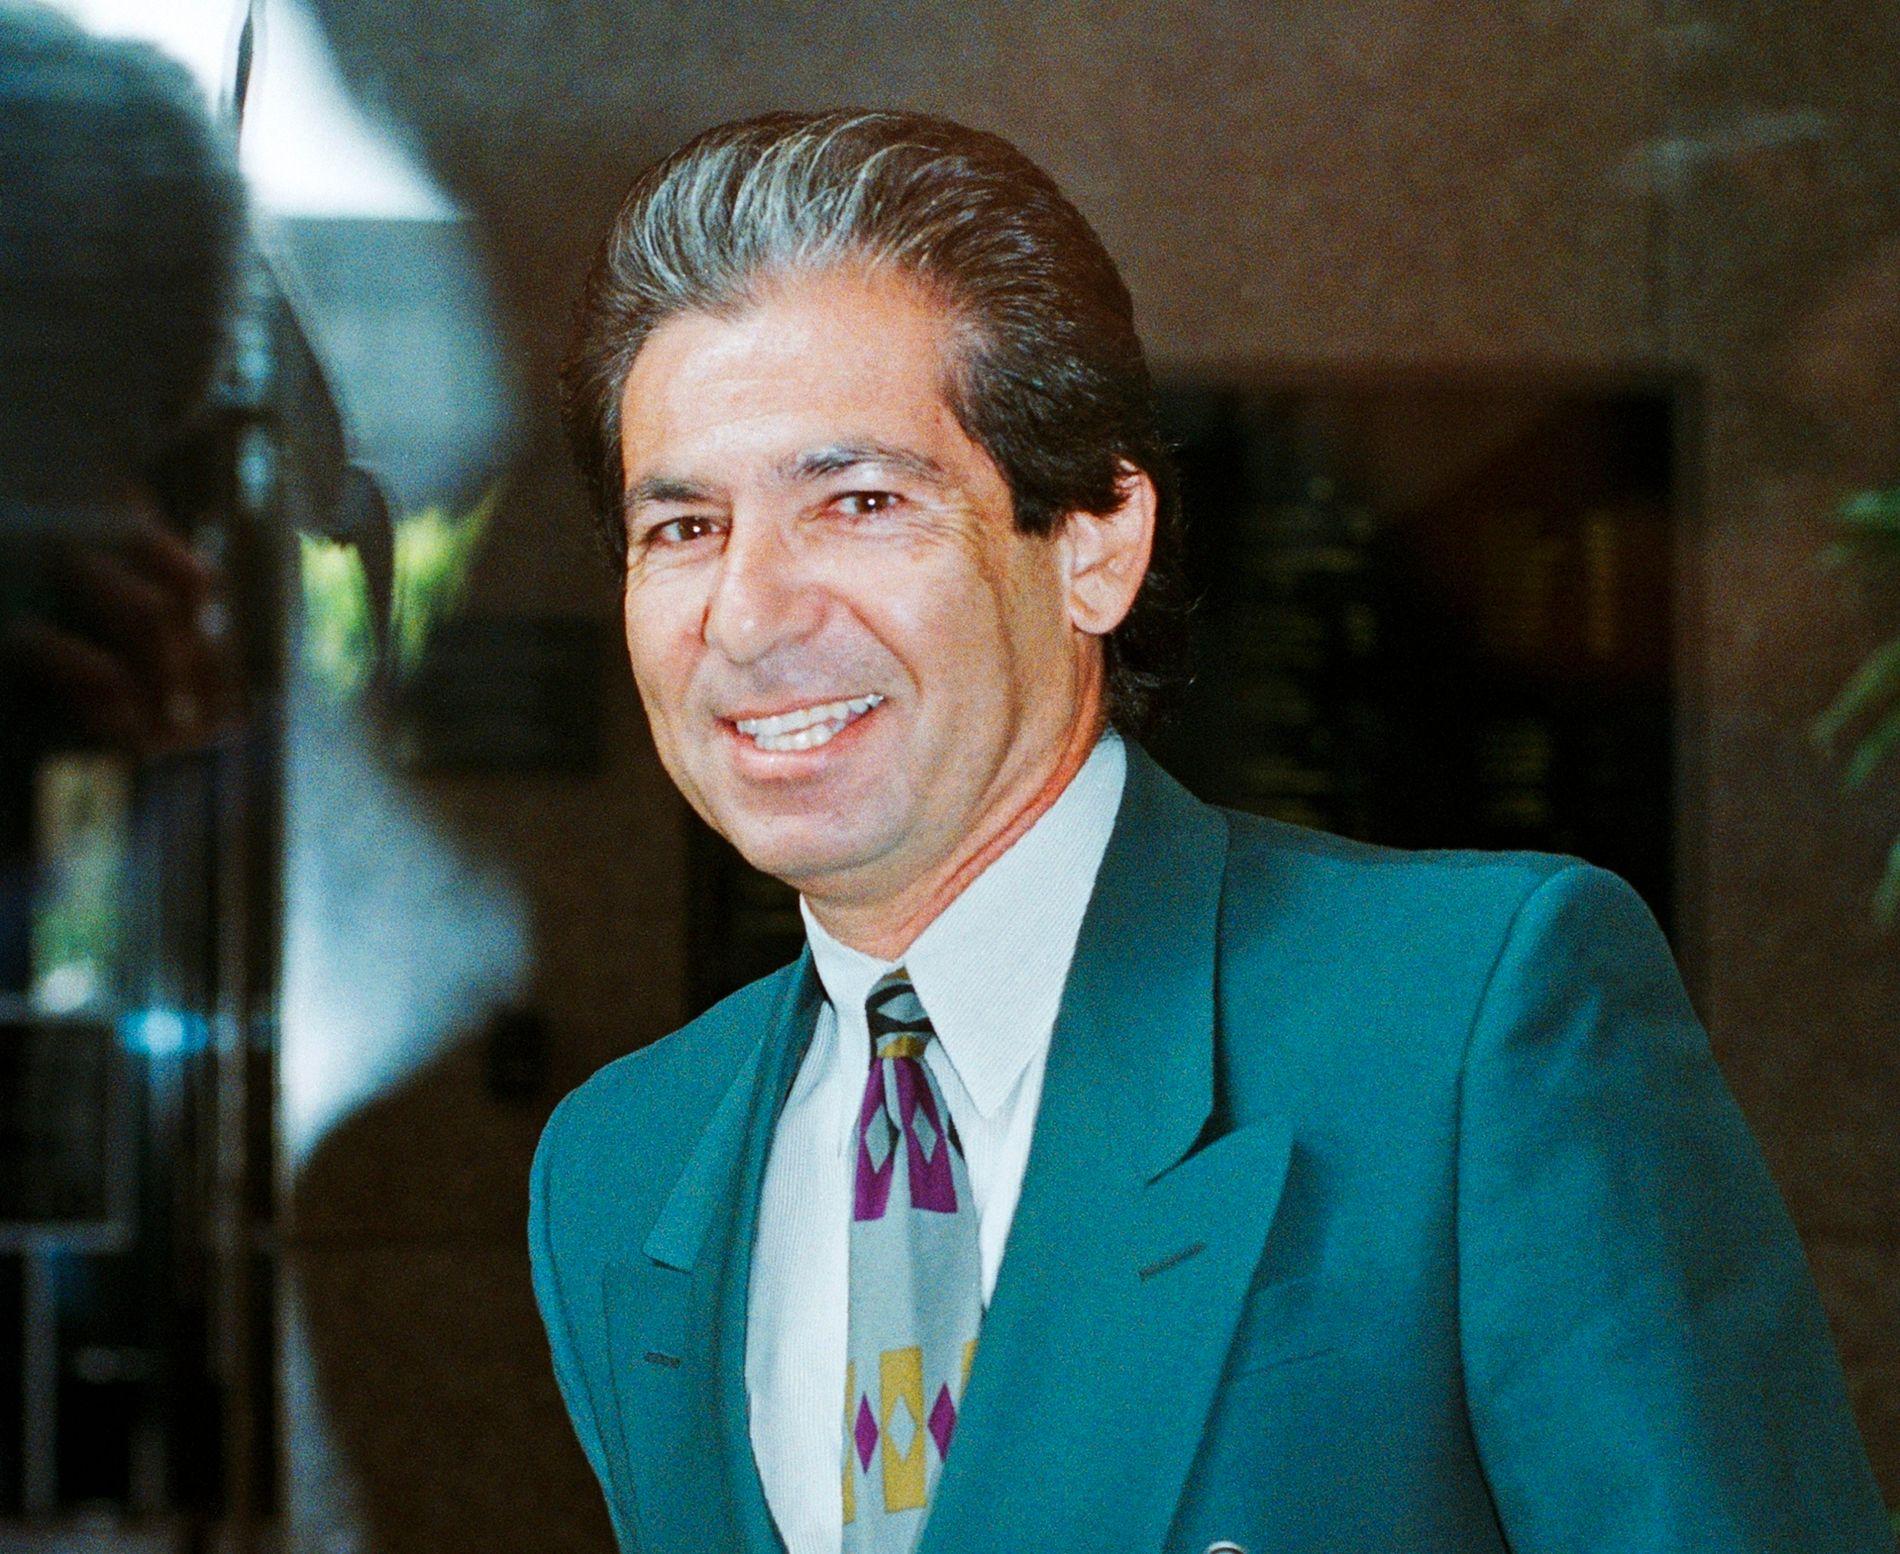 DØD: Robert Kardashian, her avbildet i 1996, ble 59 år.